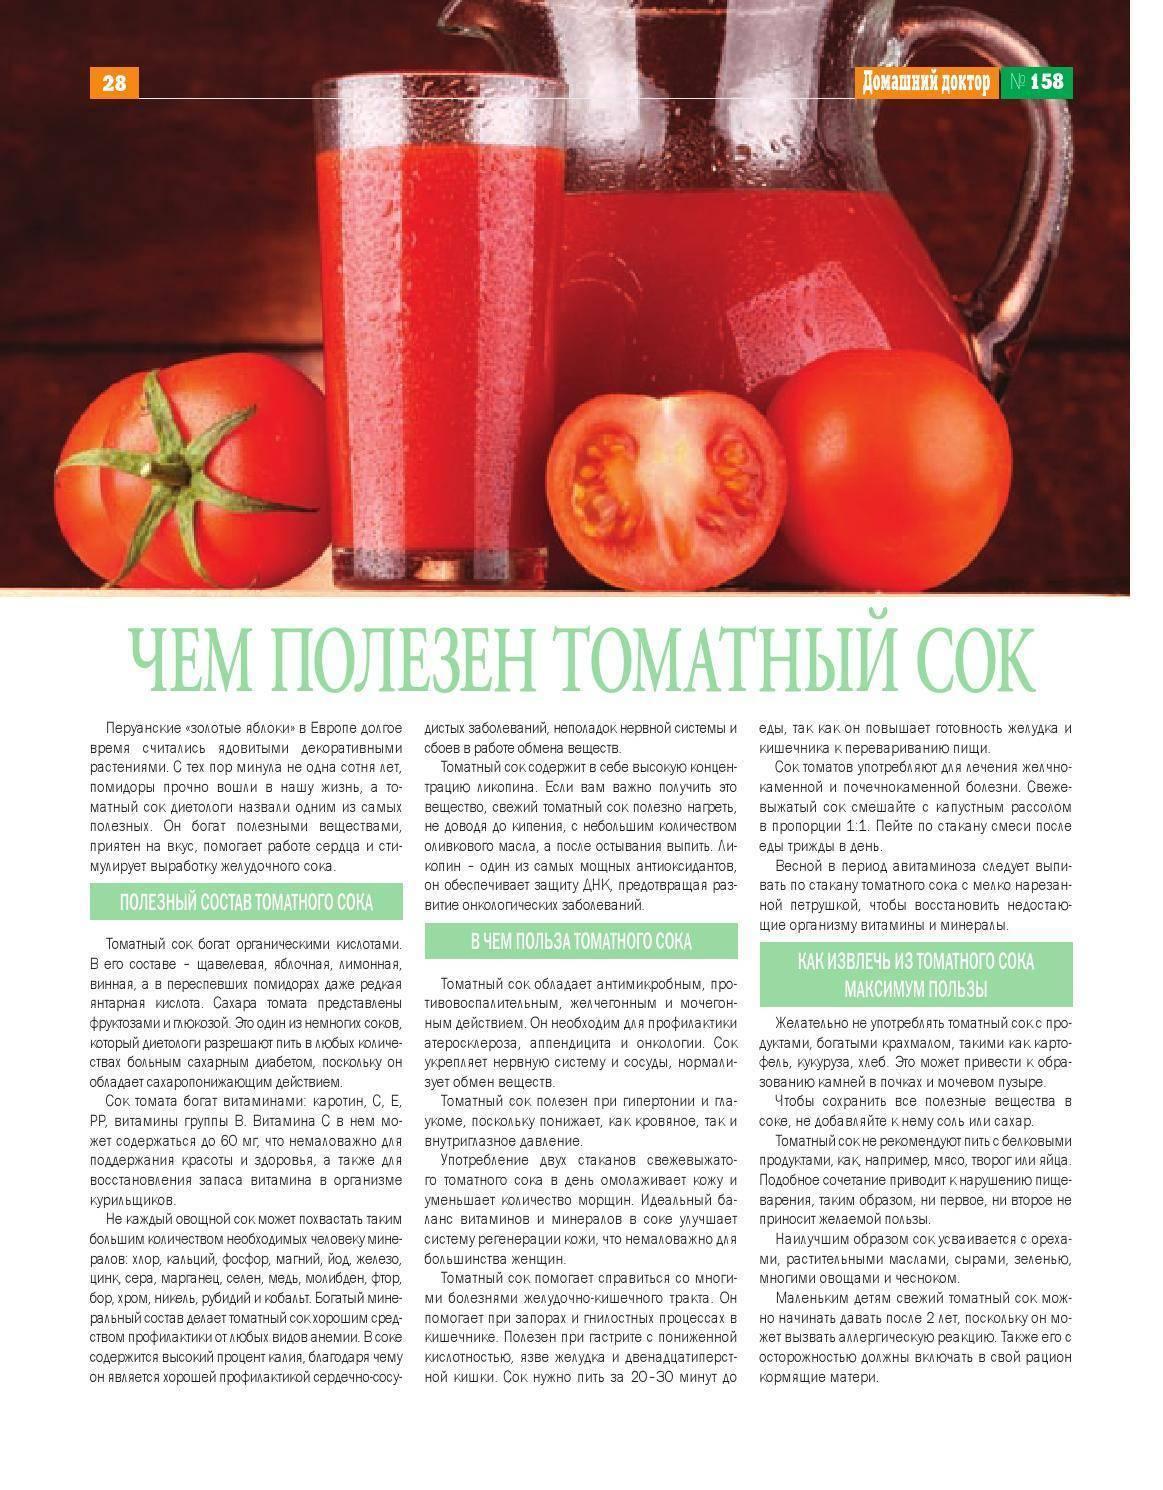 Поможет ли томатный сок от похмелья?